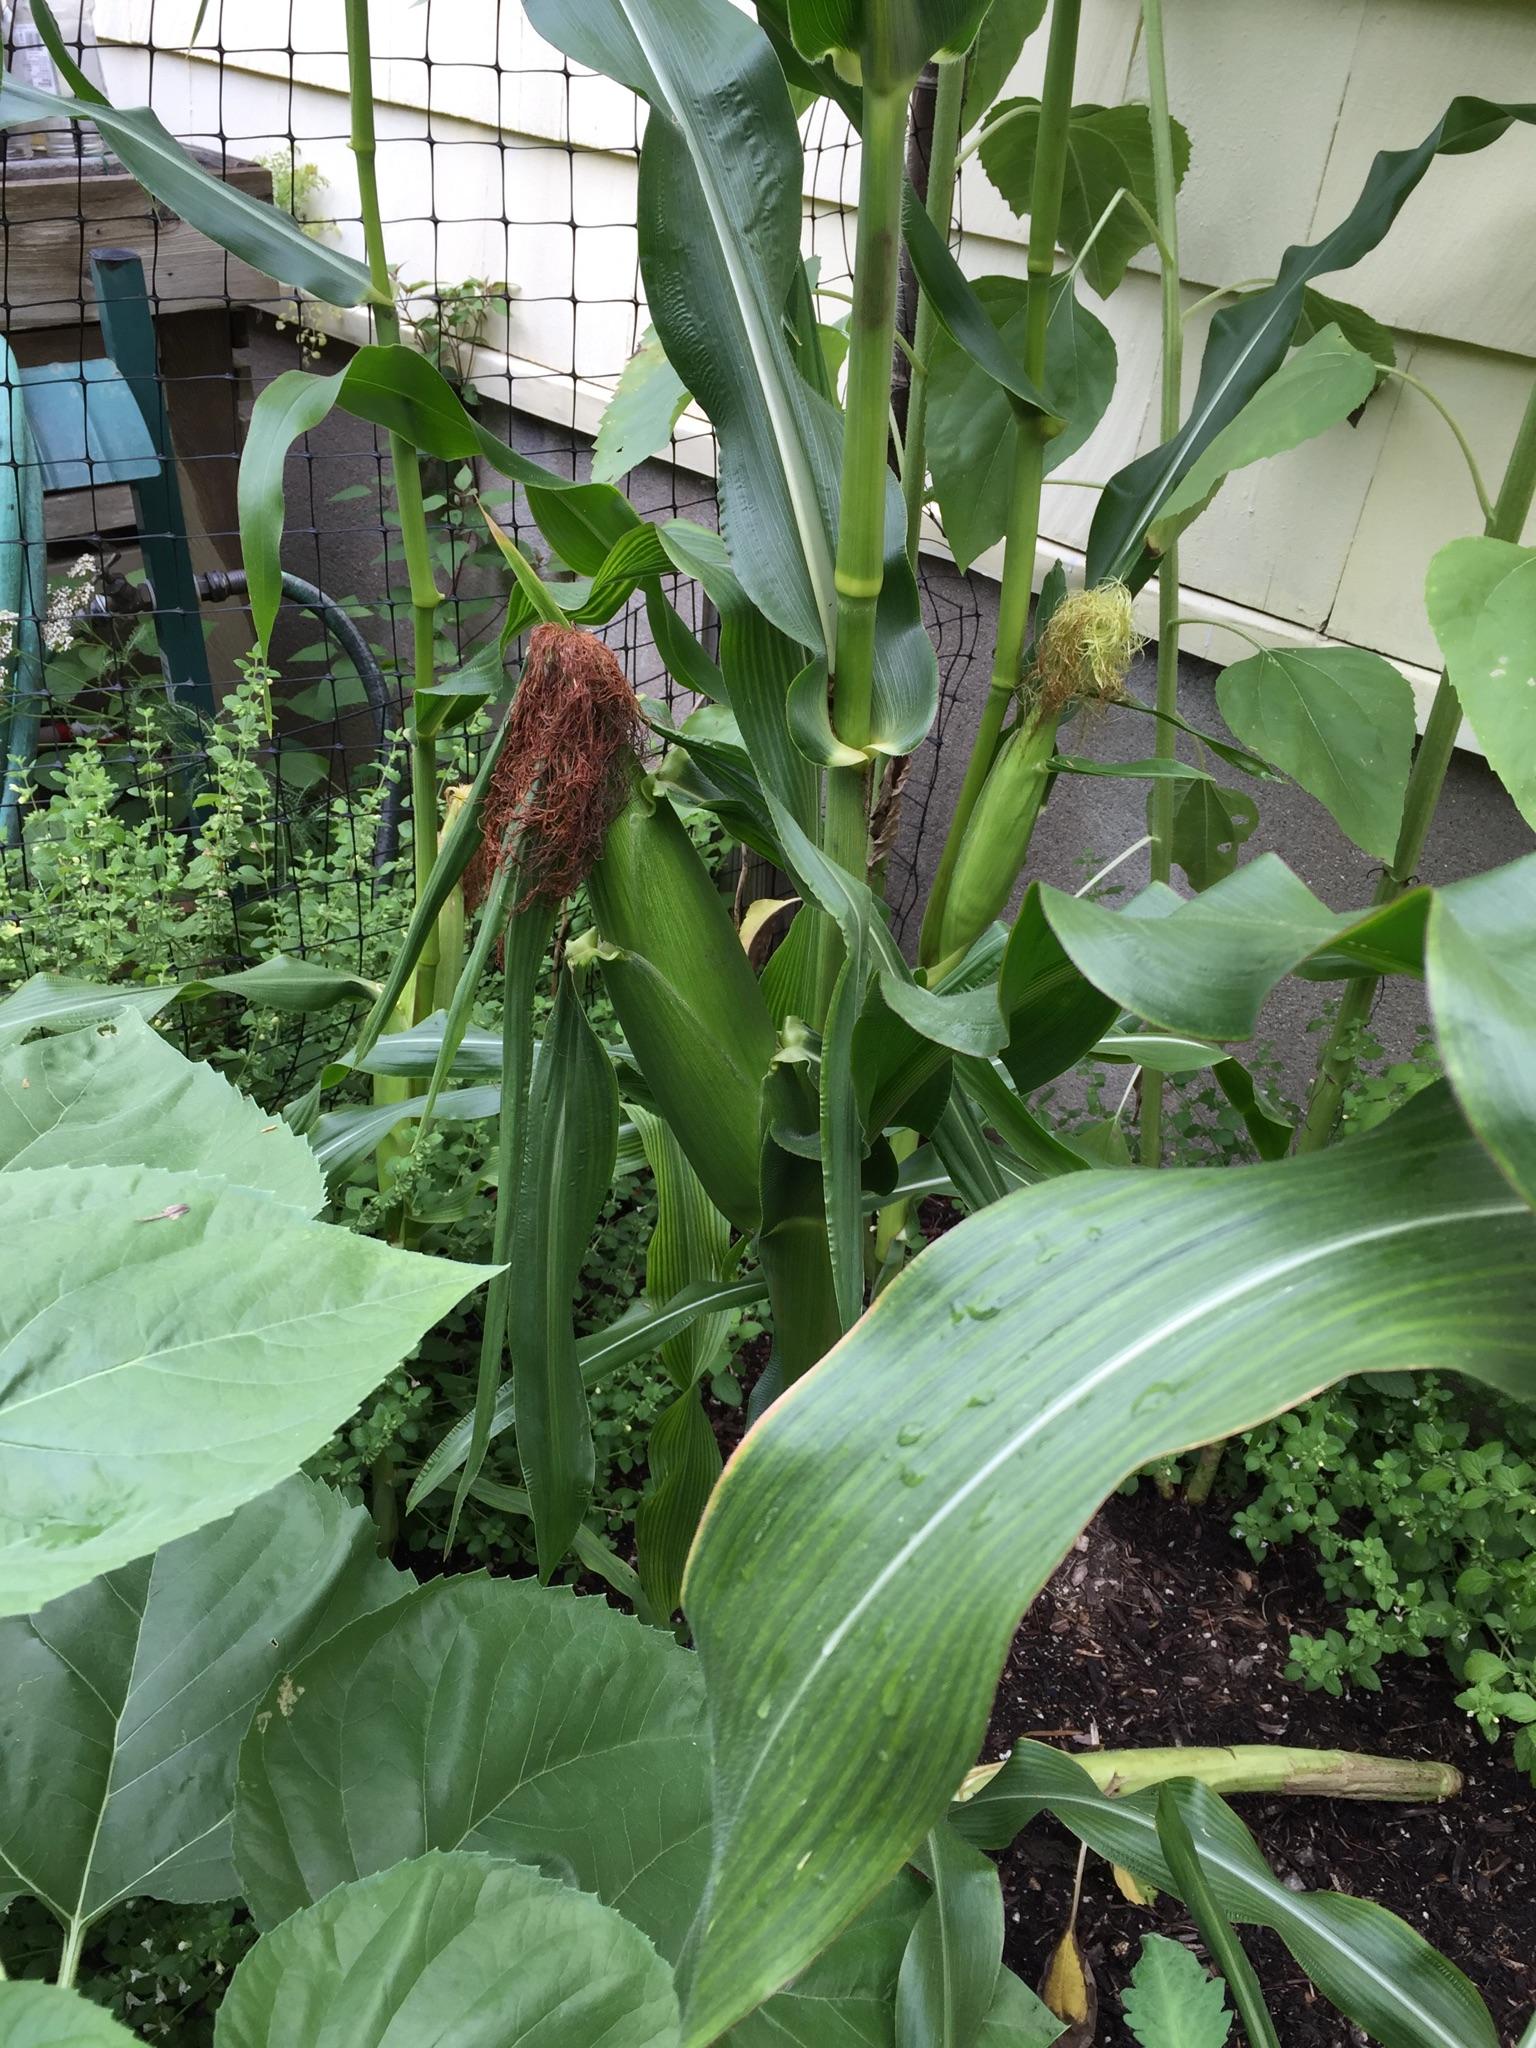 The Peters' Vegetable Garden